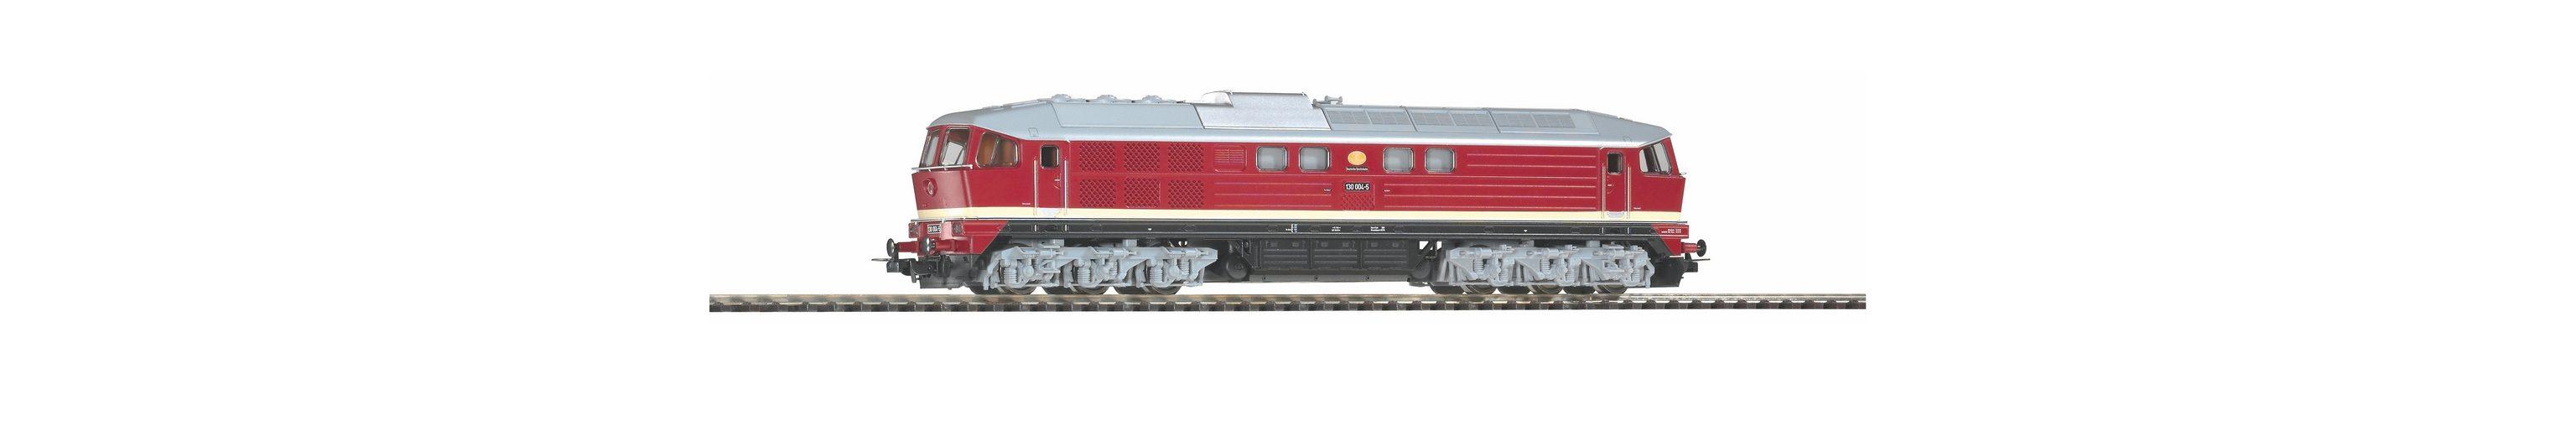 PIKO Diesellok, »Diesellokomotive BR 130, DR - Wechselstrom« Spur H0